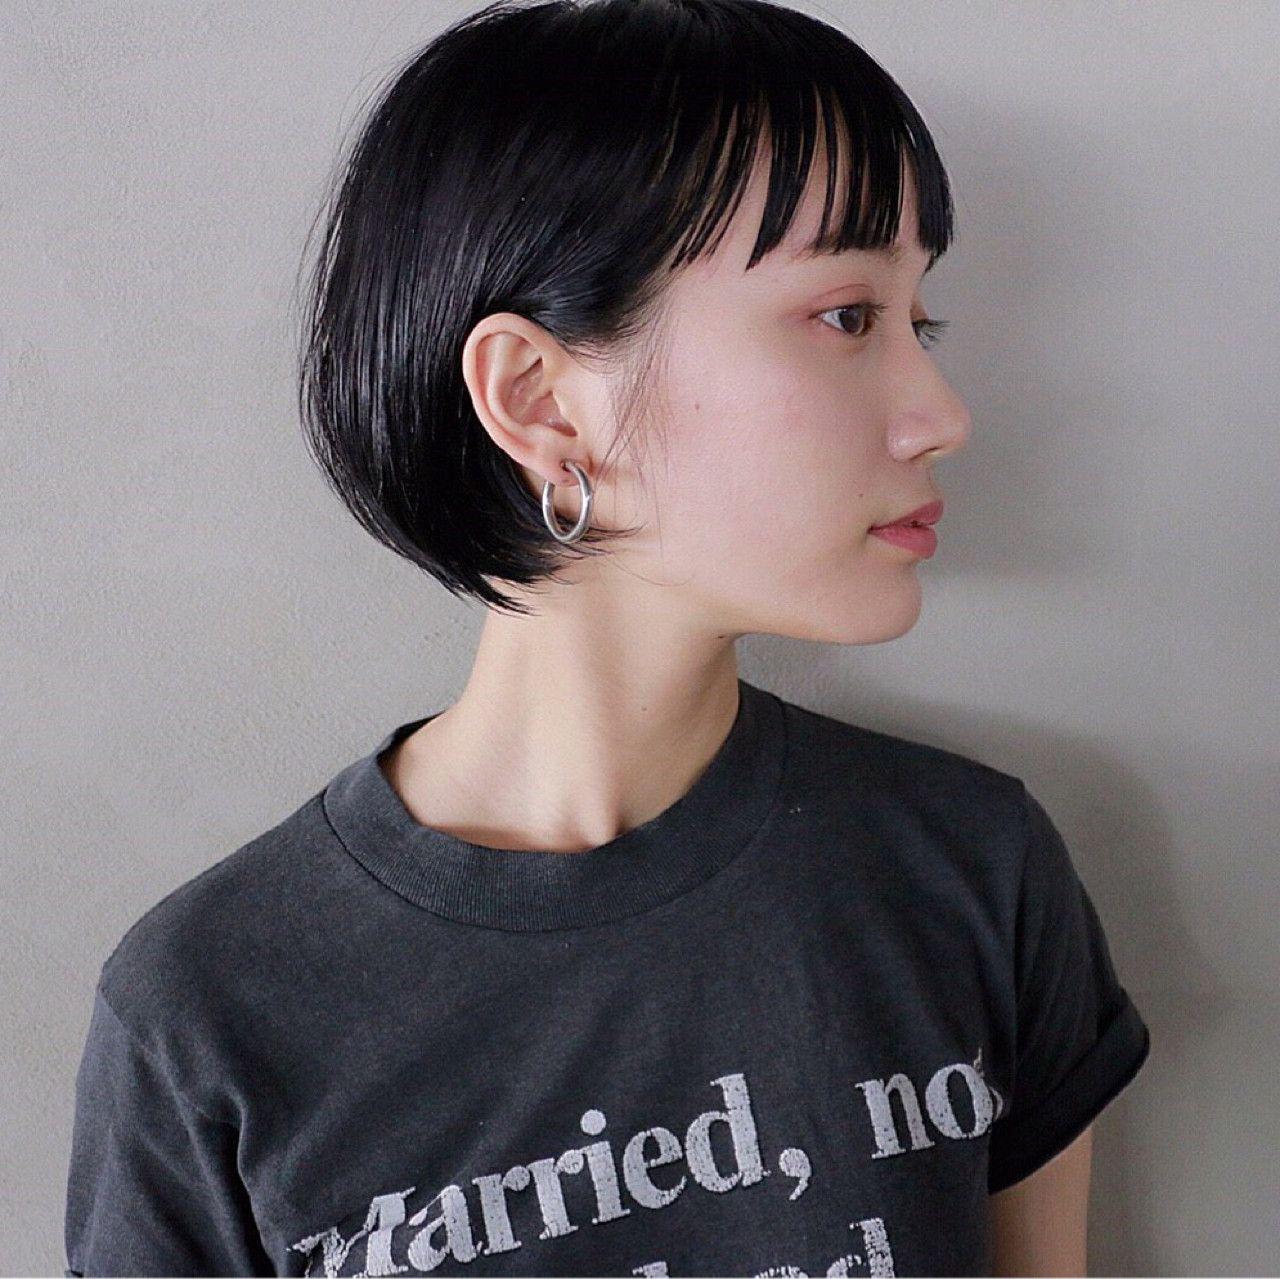 30代女性におすすめの髪型110選 上品な雰囲気を作れるヘアスタイルを